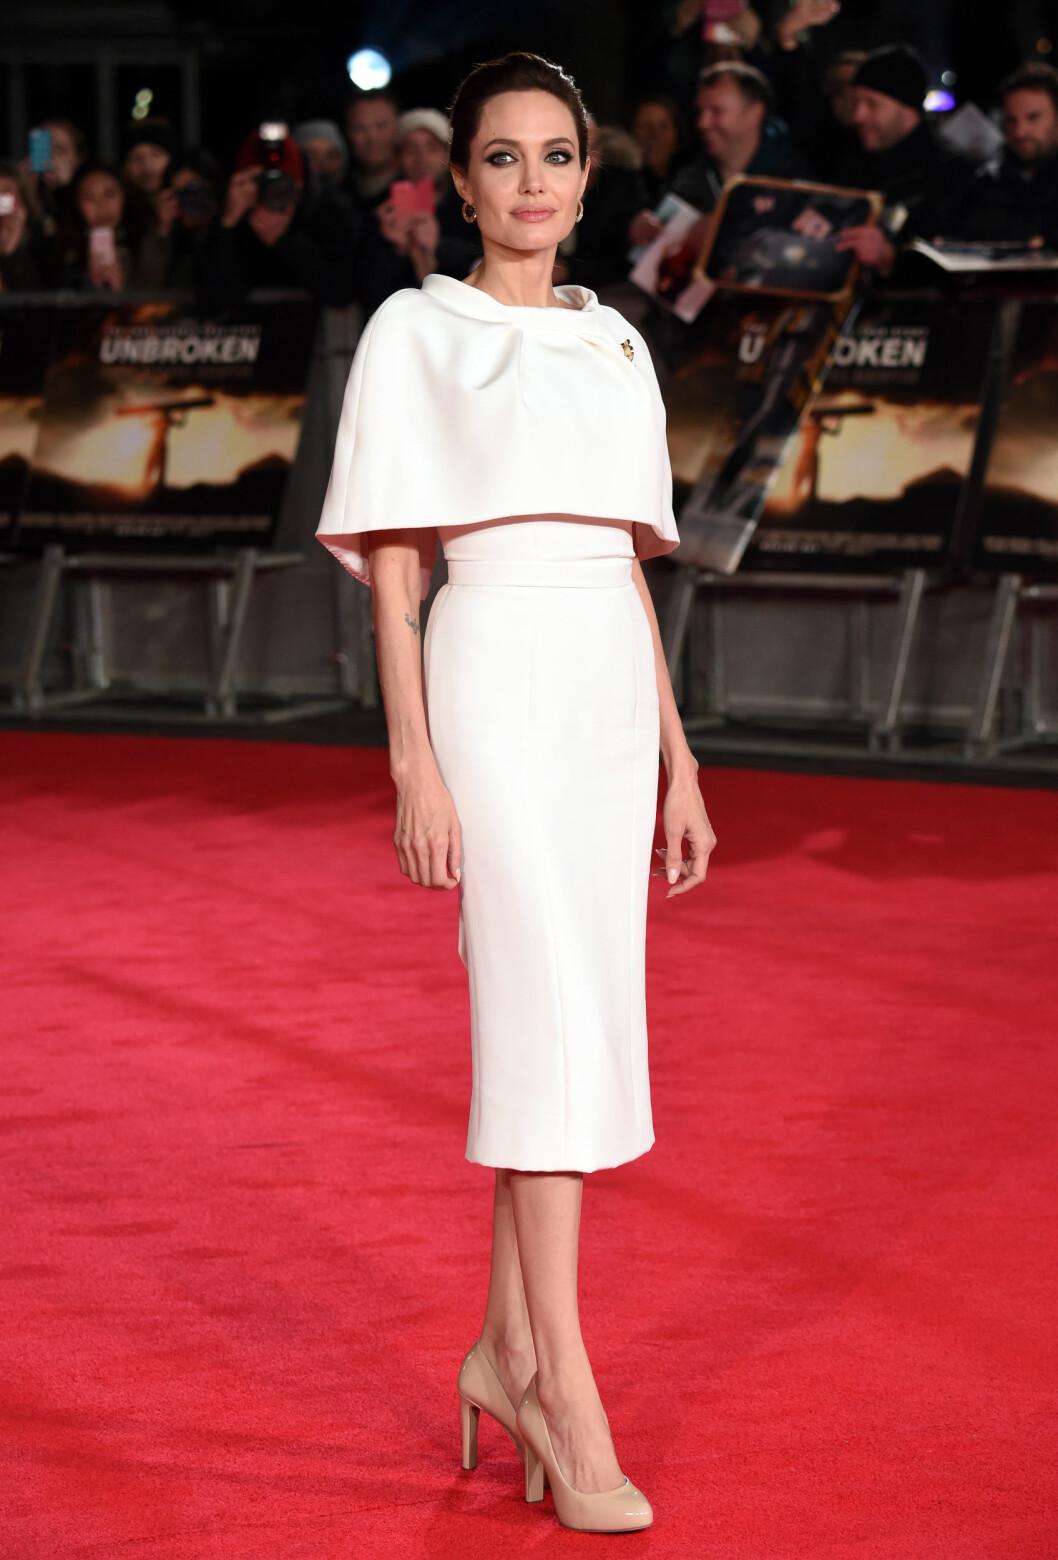 POPULÆR: En klient hos Beverly Hills Egg Donation søker en person som ligner på verdensstjernen Angelina Jolie. Foto: All Over Press